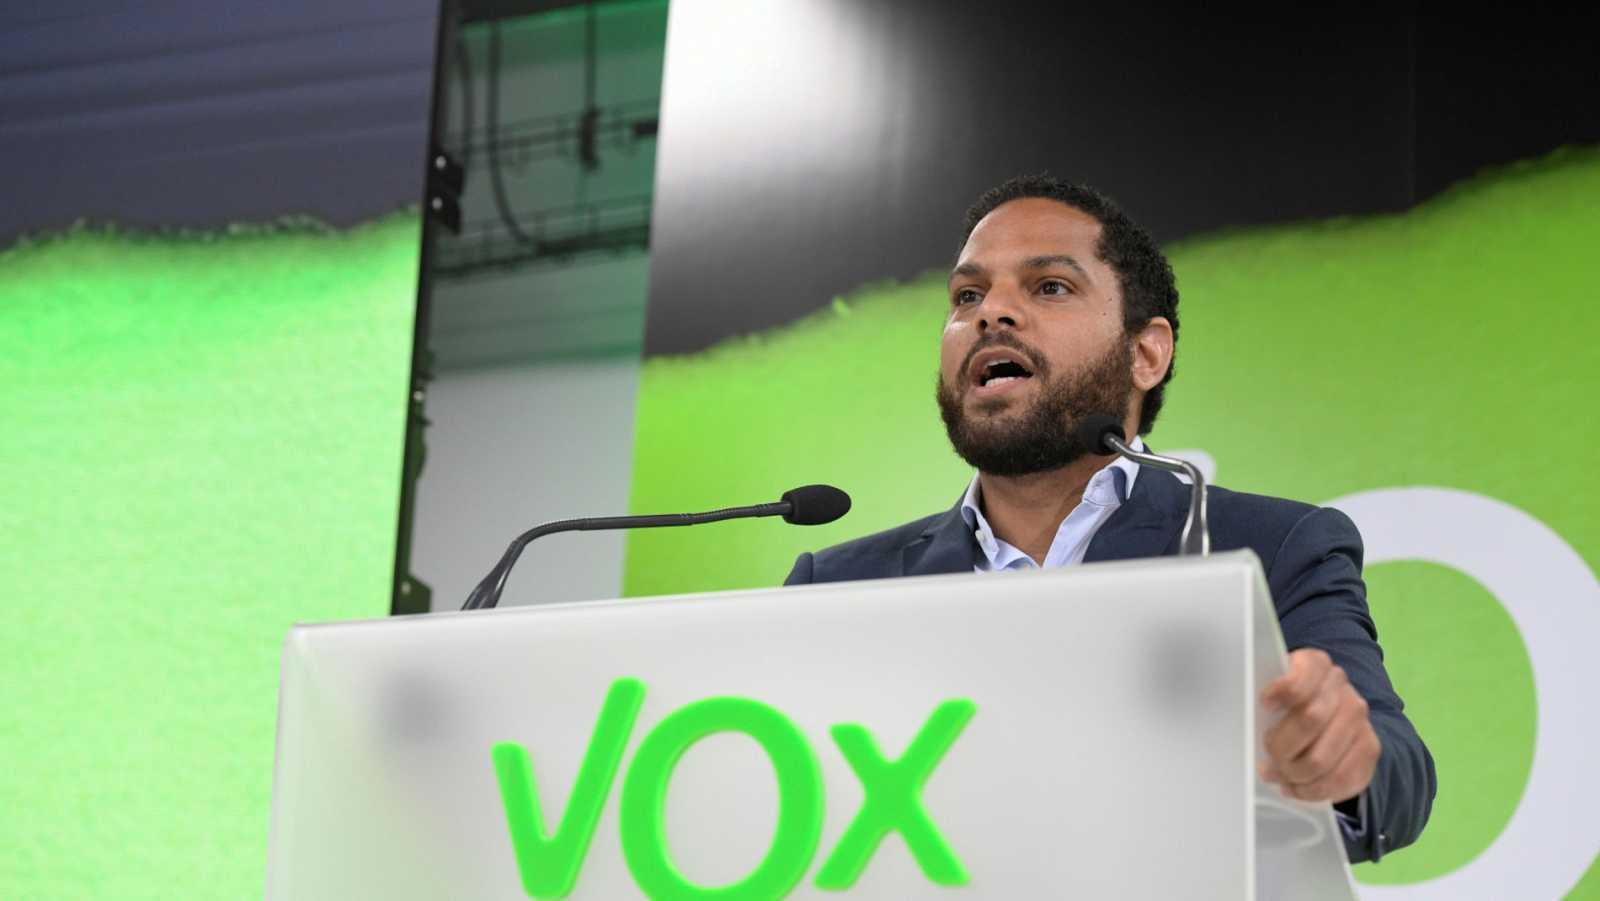 El diputado de Vox, Ignacio Garriga, en una imagen de archivo.